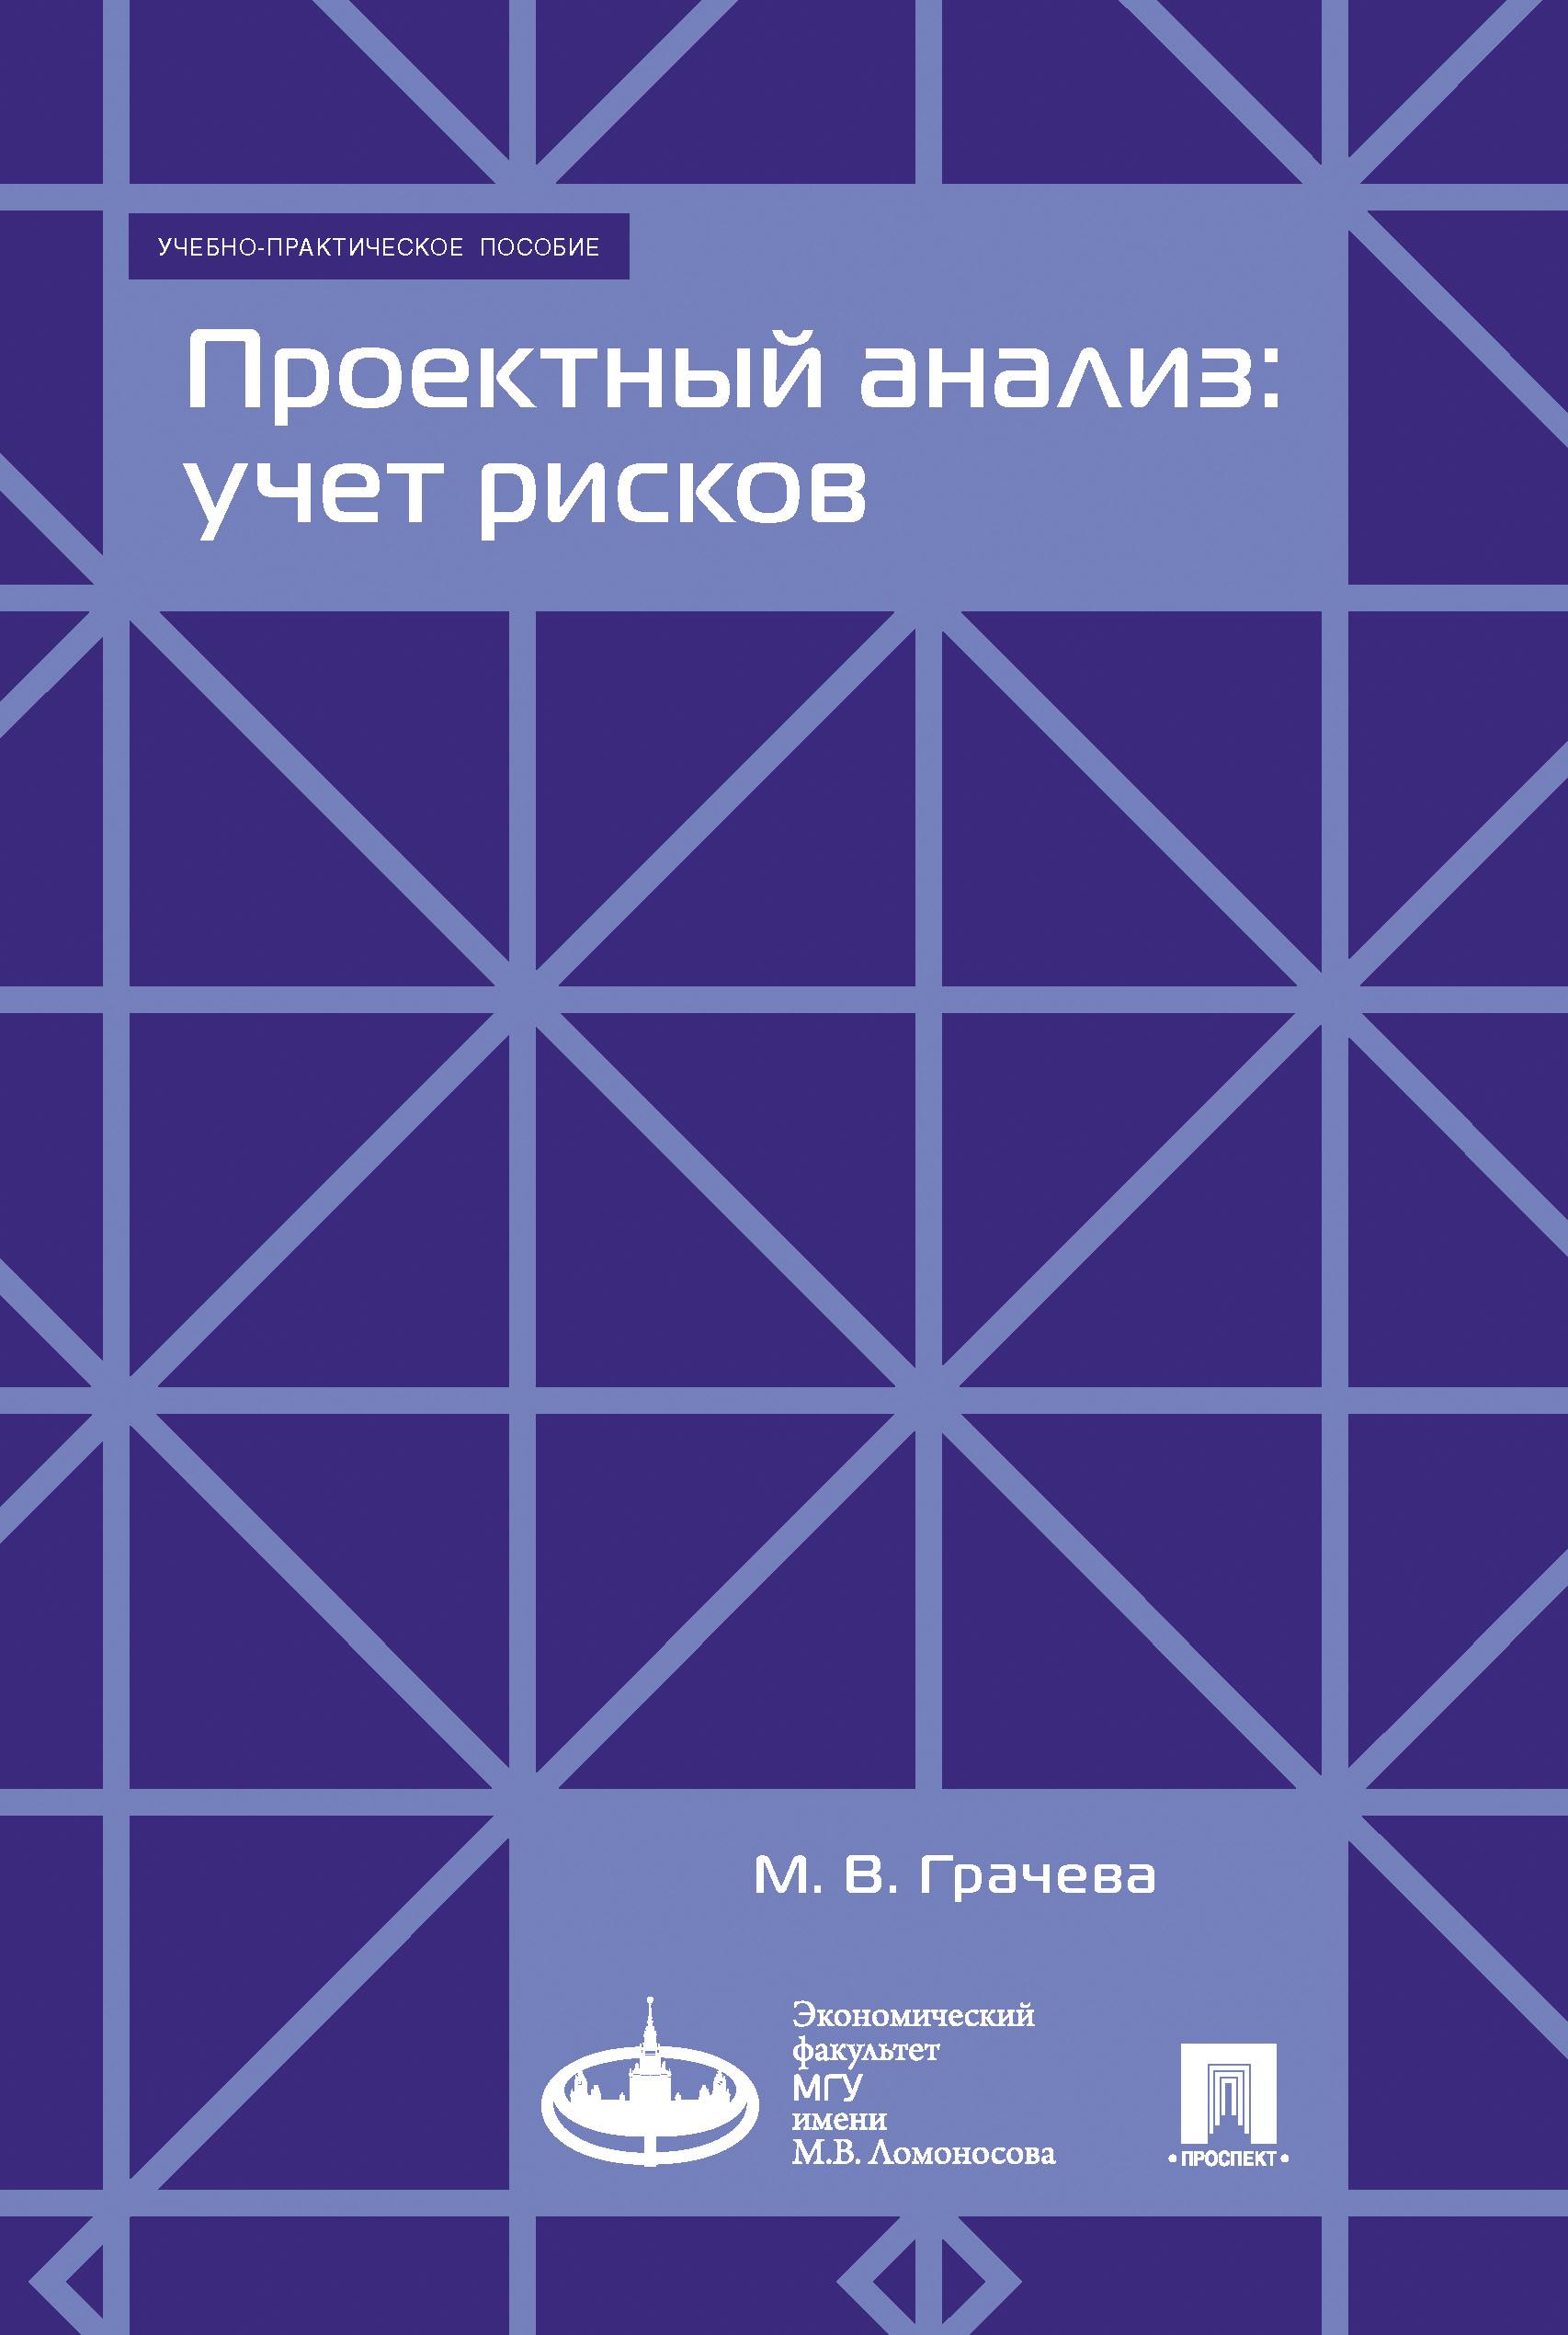 М. В. Грачева Проектный анализ: учет рисков